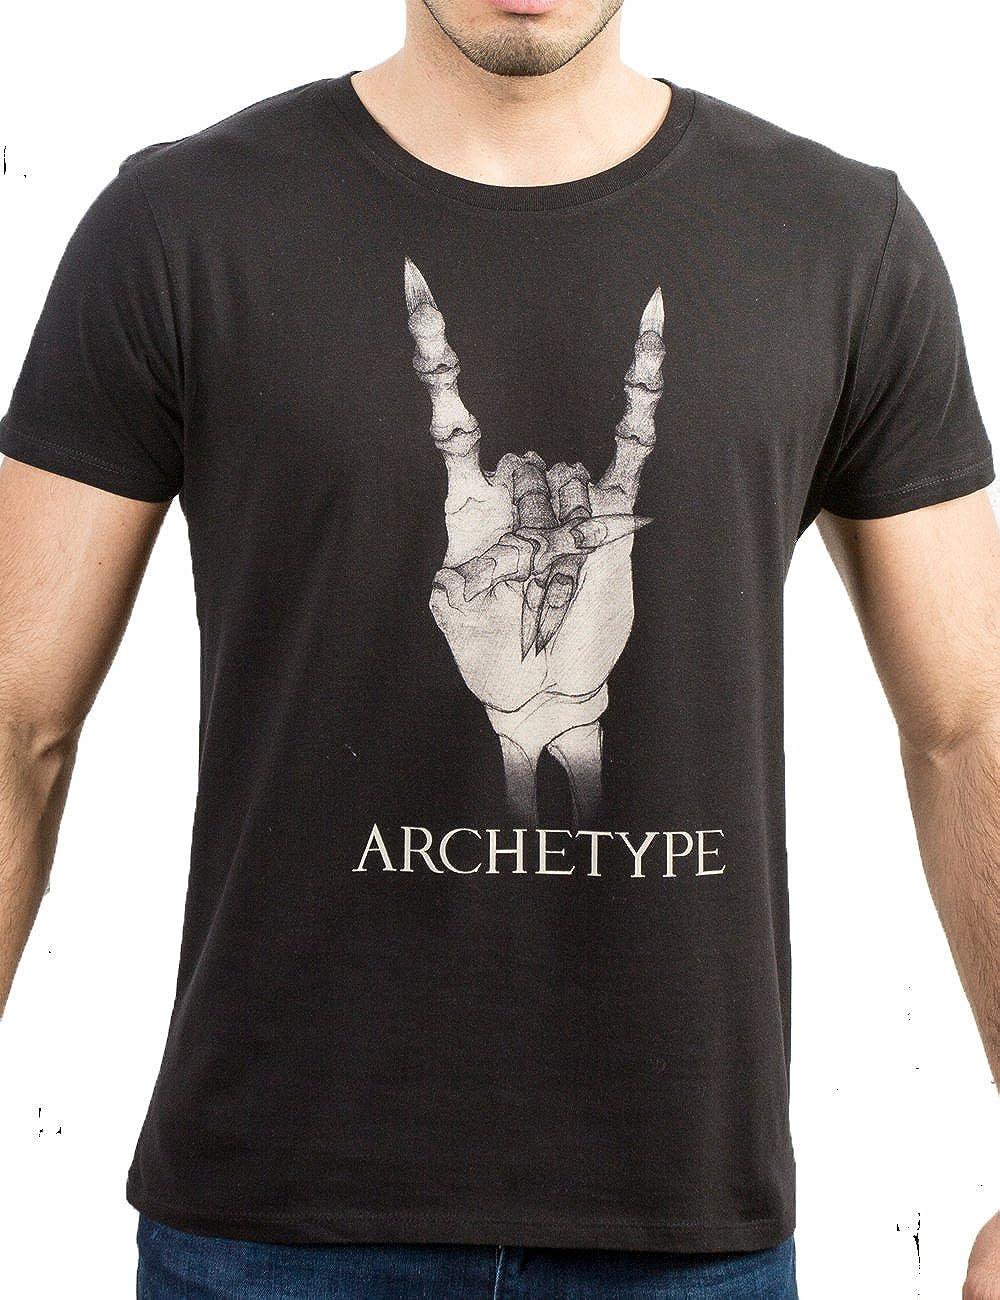 Archetype, camiseta hombre con símbolo rockero, mano metálica. X-Large: Amazon.es: Ropa y accesorios